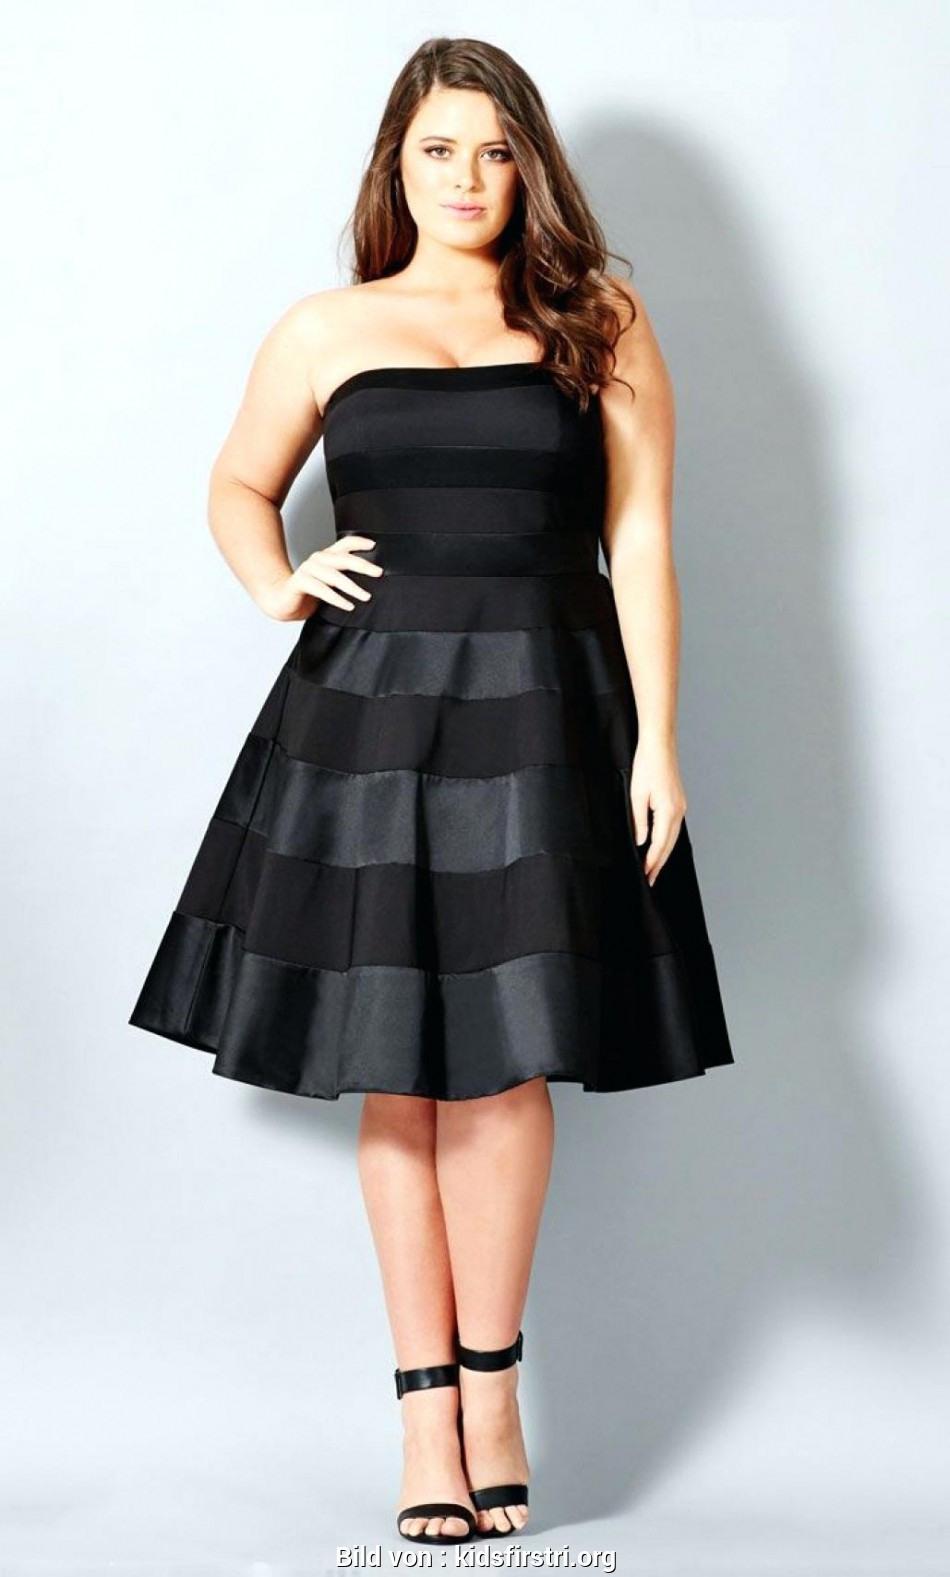 Tolle Kleider Für Mollige Kleine Frauen - Munidwyn - Abendkleid